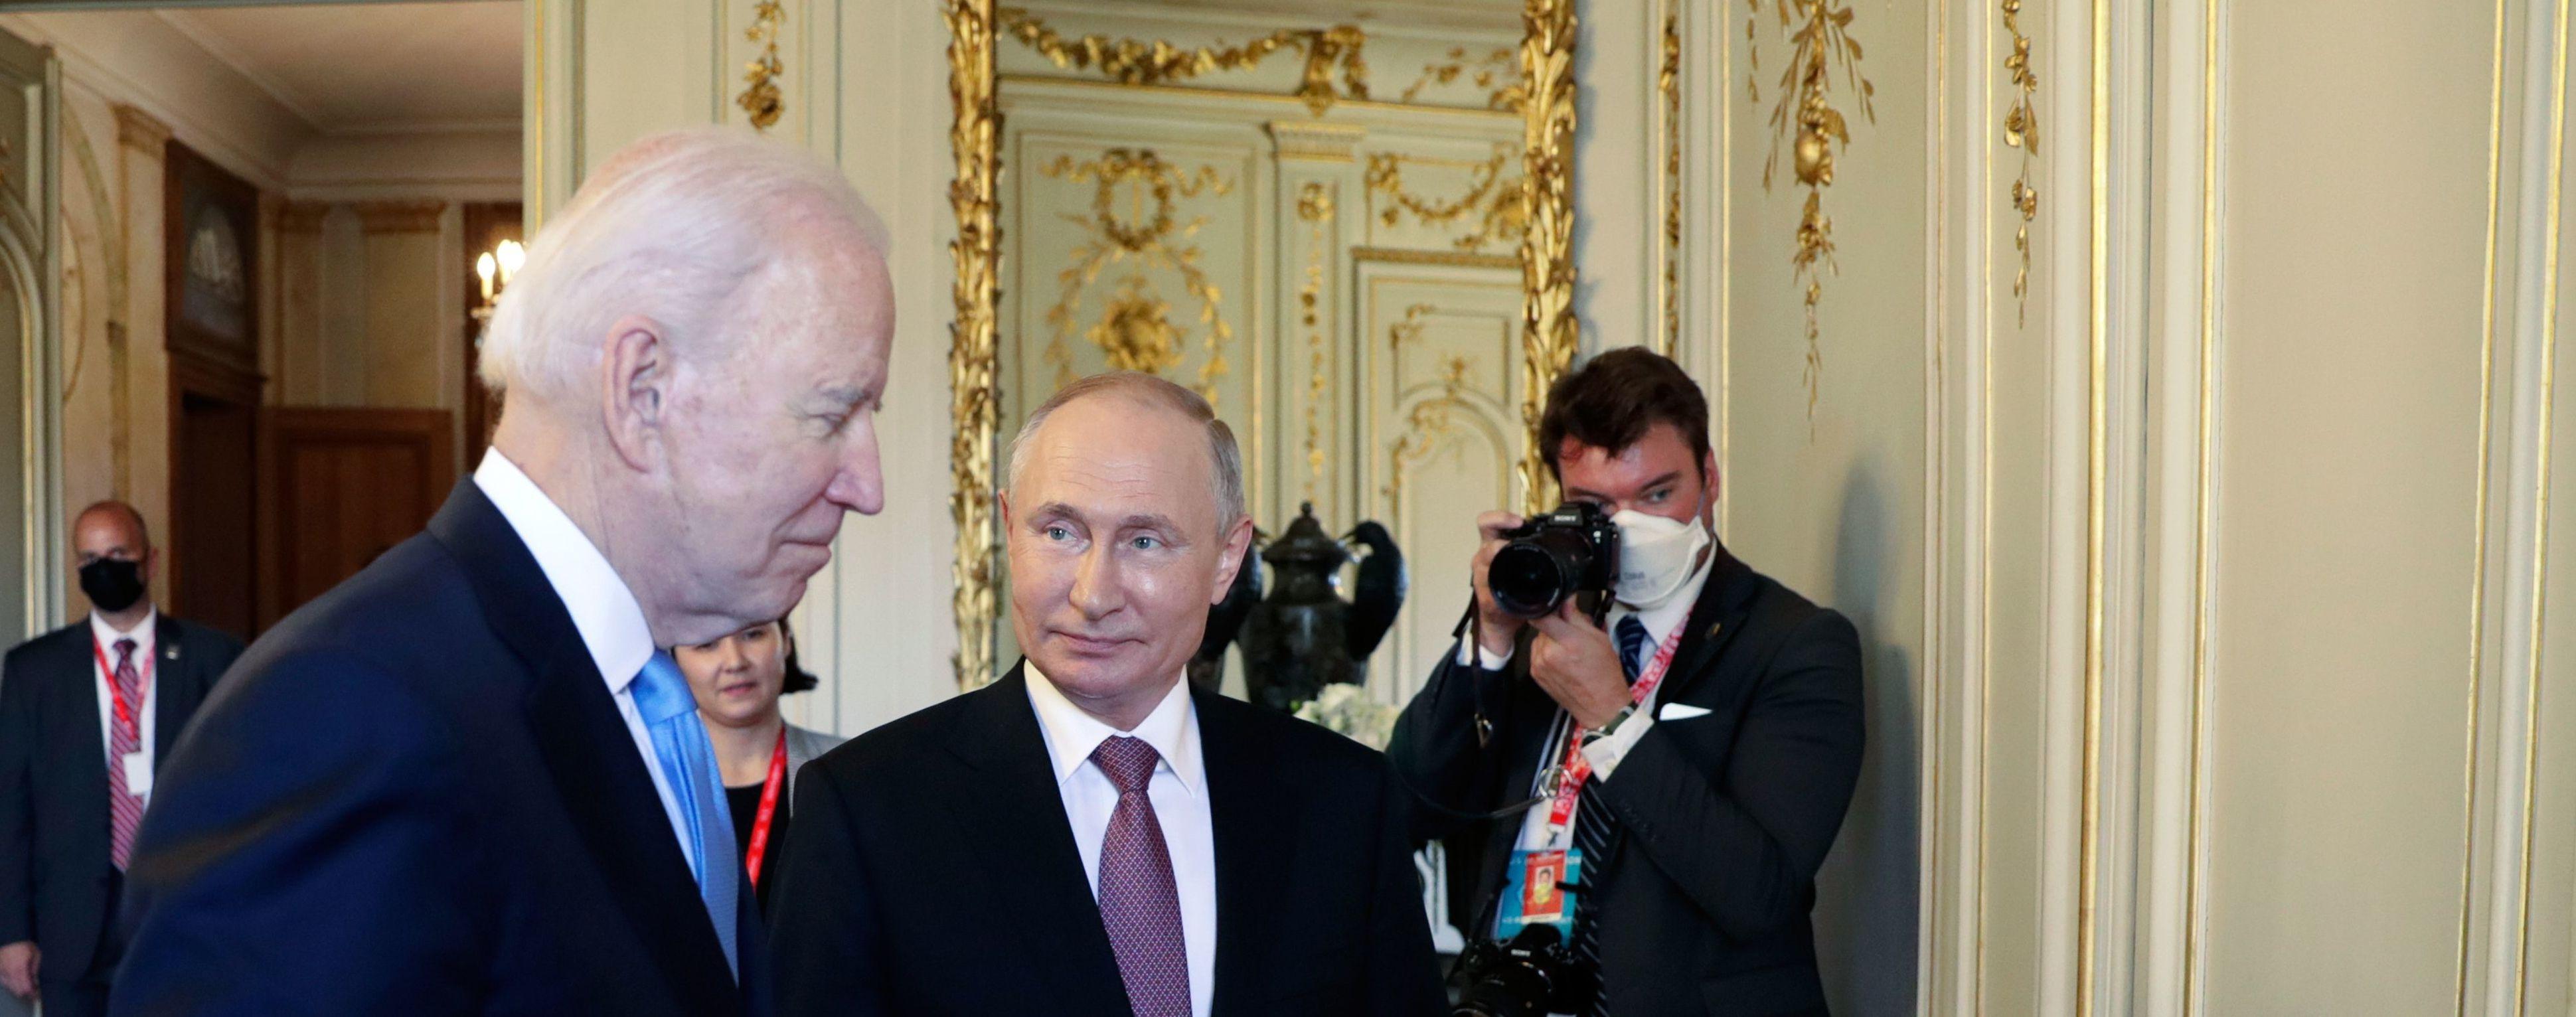 Россия и США договорились вернуть послов в Москву и Вашингтон